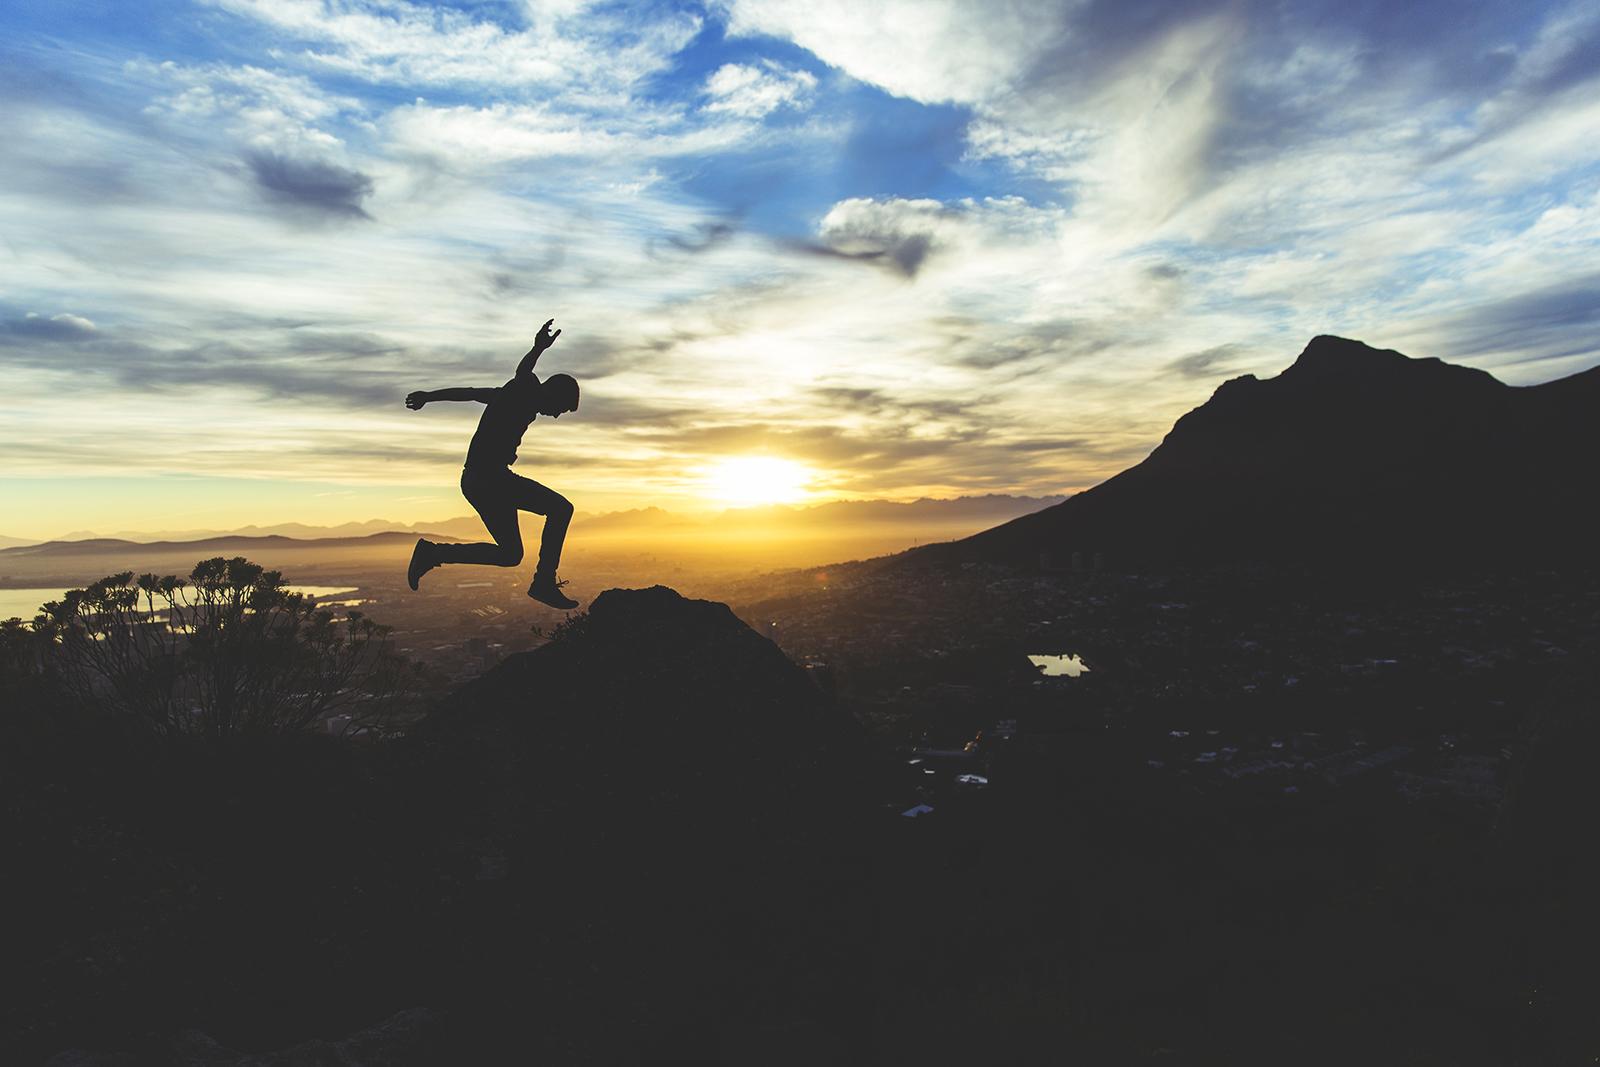 目標に向かってジャンプ